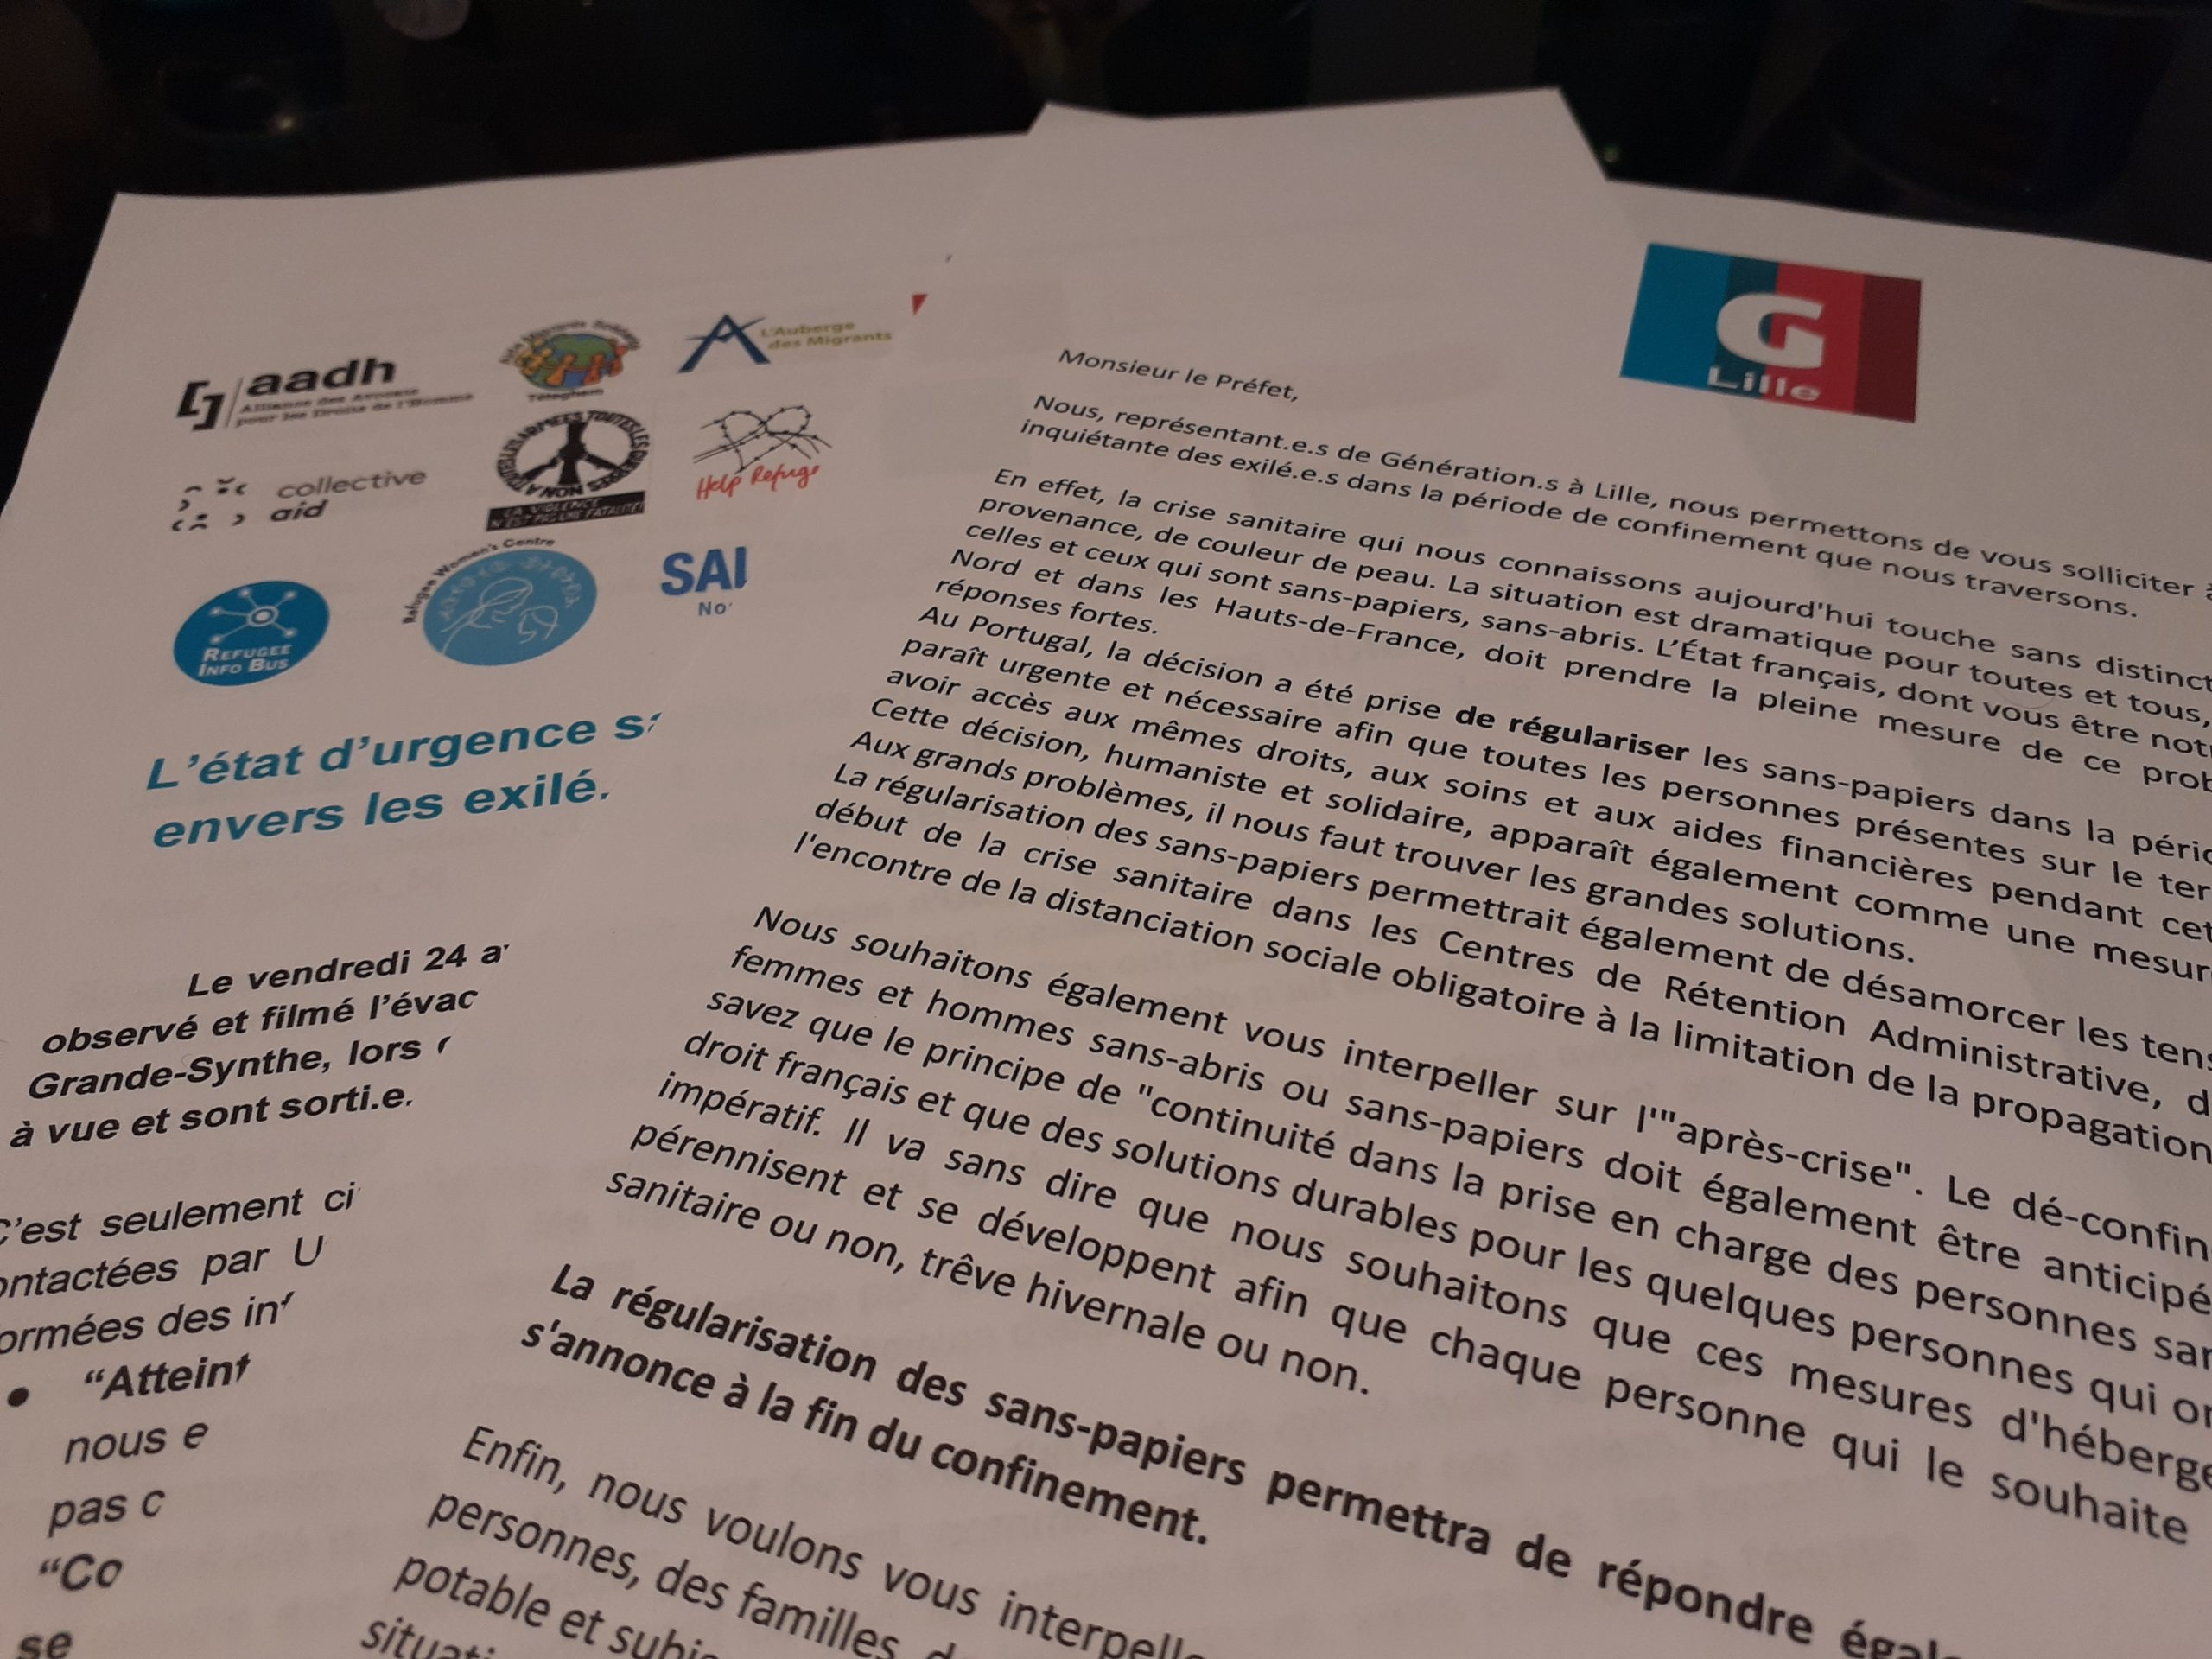 Communiqués de presse de Génération.s Lille et des associations sur la situation d'urgence sanitaire des sans-papiers